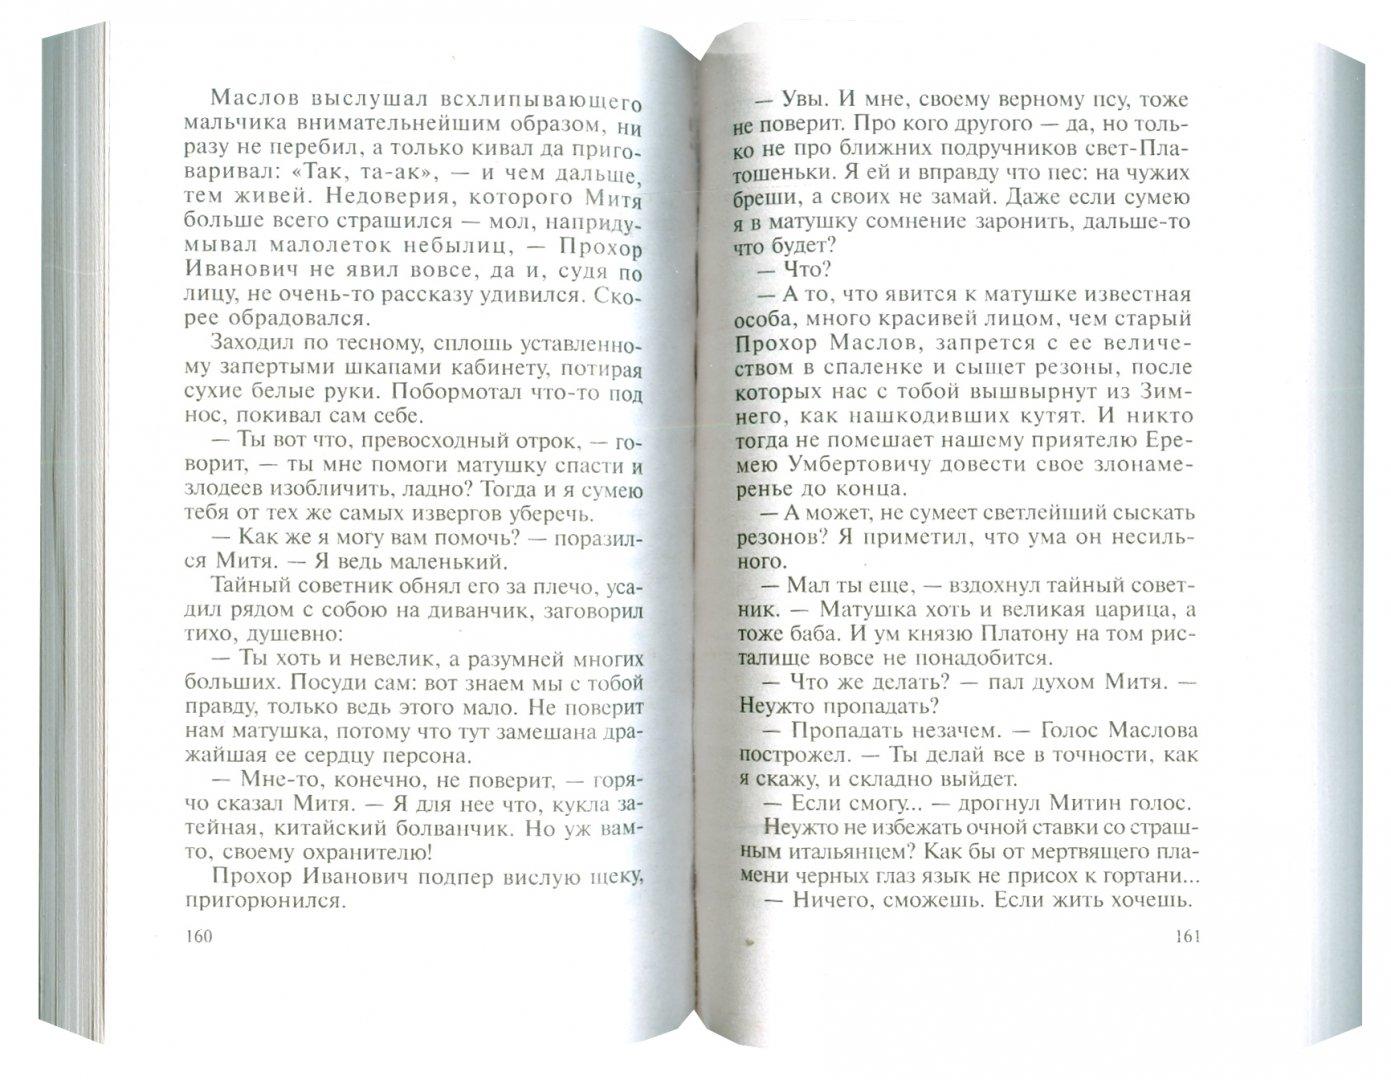 Иллюстрация 1 из 24 для Внеклассное чтение. Том 1 - Борис Акунин | Лабиринт - книги. Источник: Лабиринт